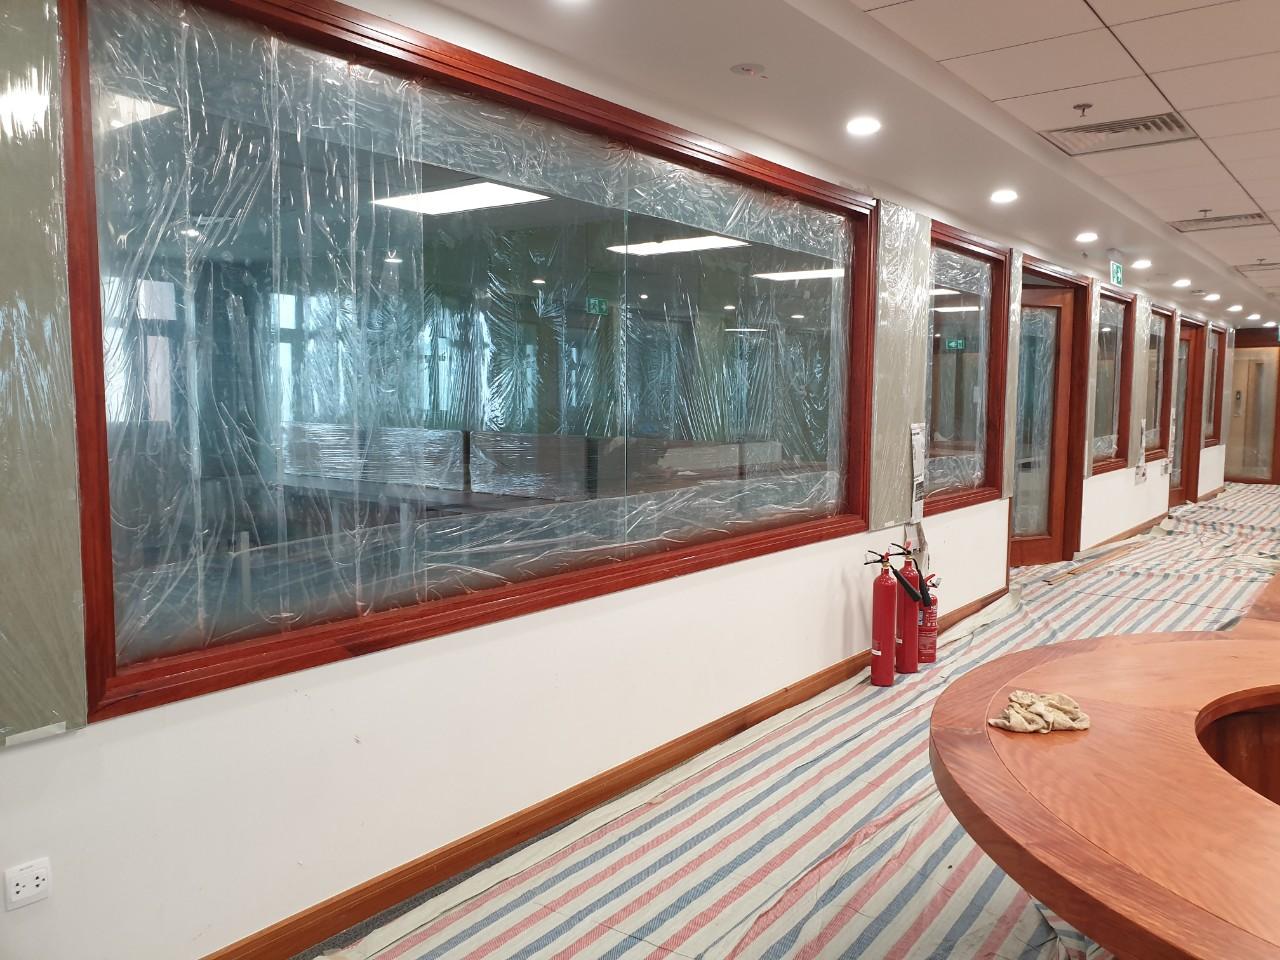 Khung cửa kính ngăn phòng bằng gỗ tự nhiên theo mong muốn chủ đầu tư